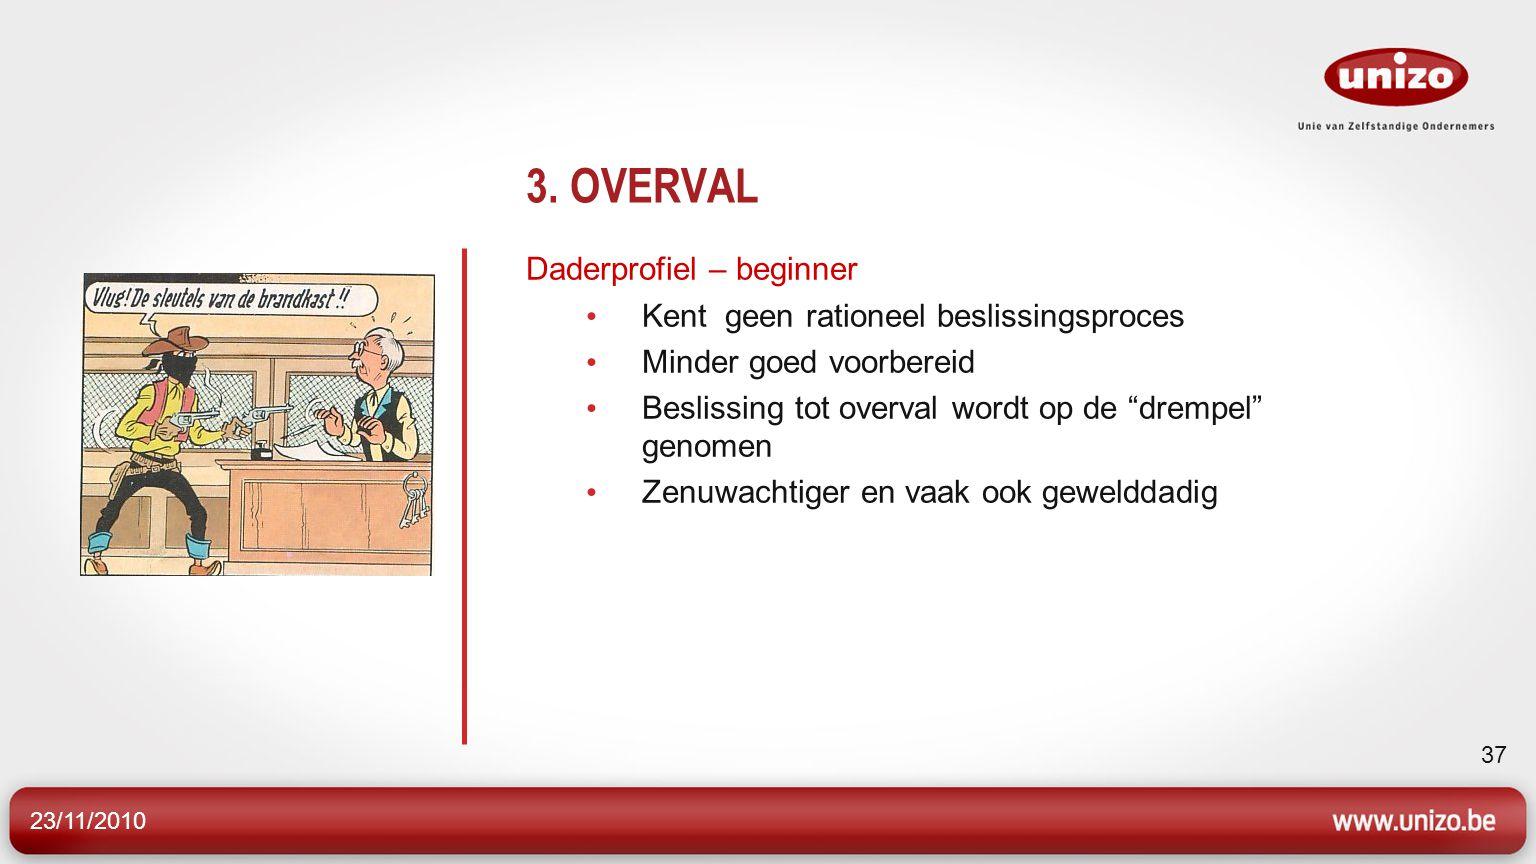 """23/11/2010 37 3. OVERVAL Daderprofiel – beginner Kent geen rationeel beslissingsproces Minder goed voorbereid Beslissing tot overval wordt op de """"drem"""